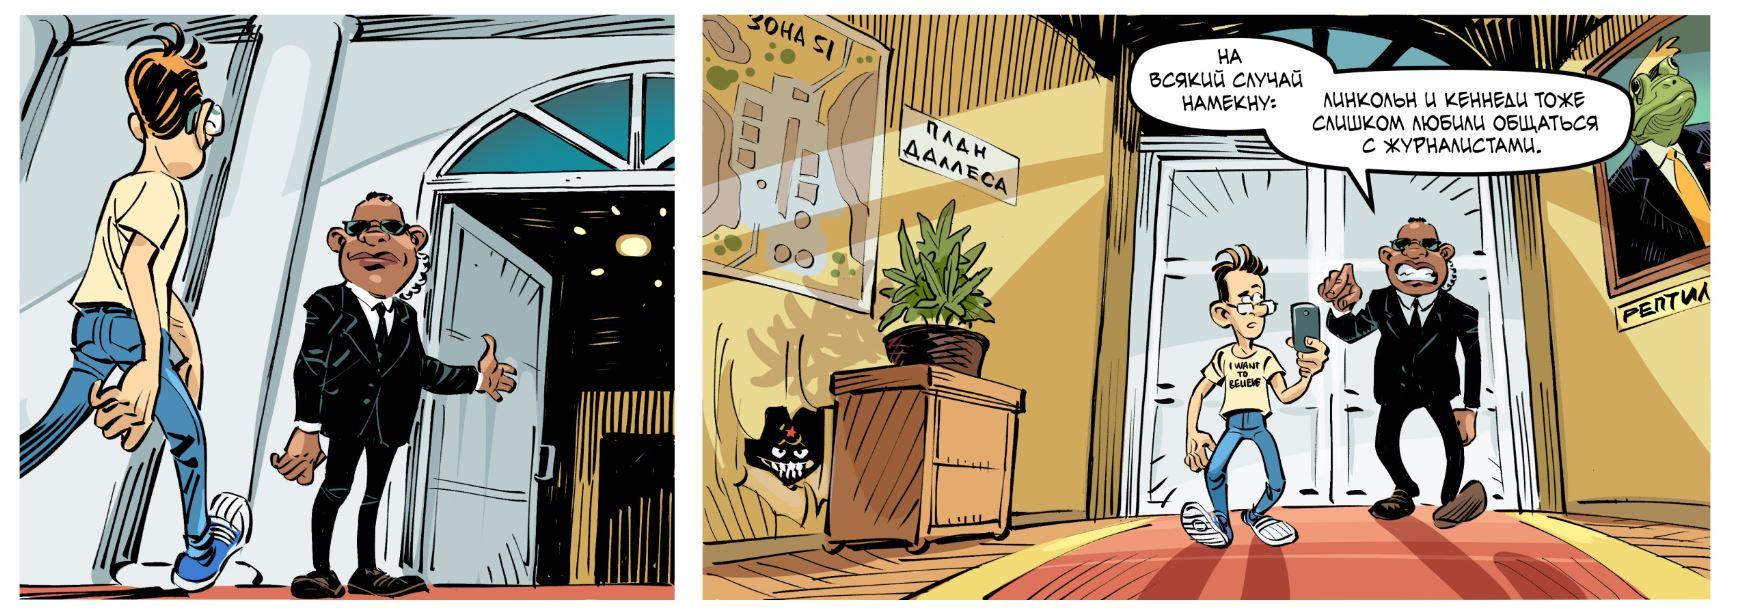 Комикс: власти скрывают! 1